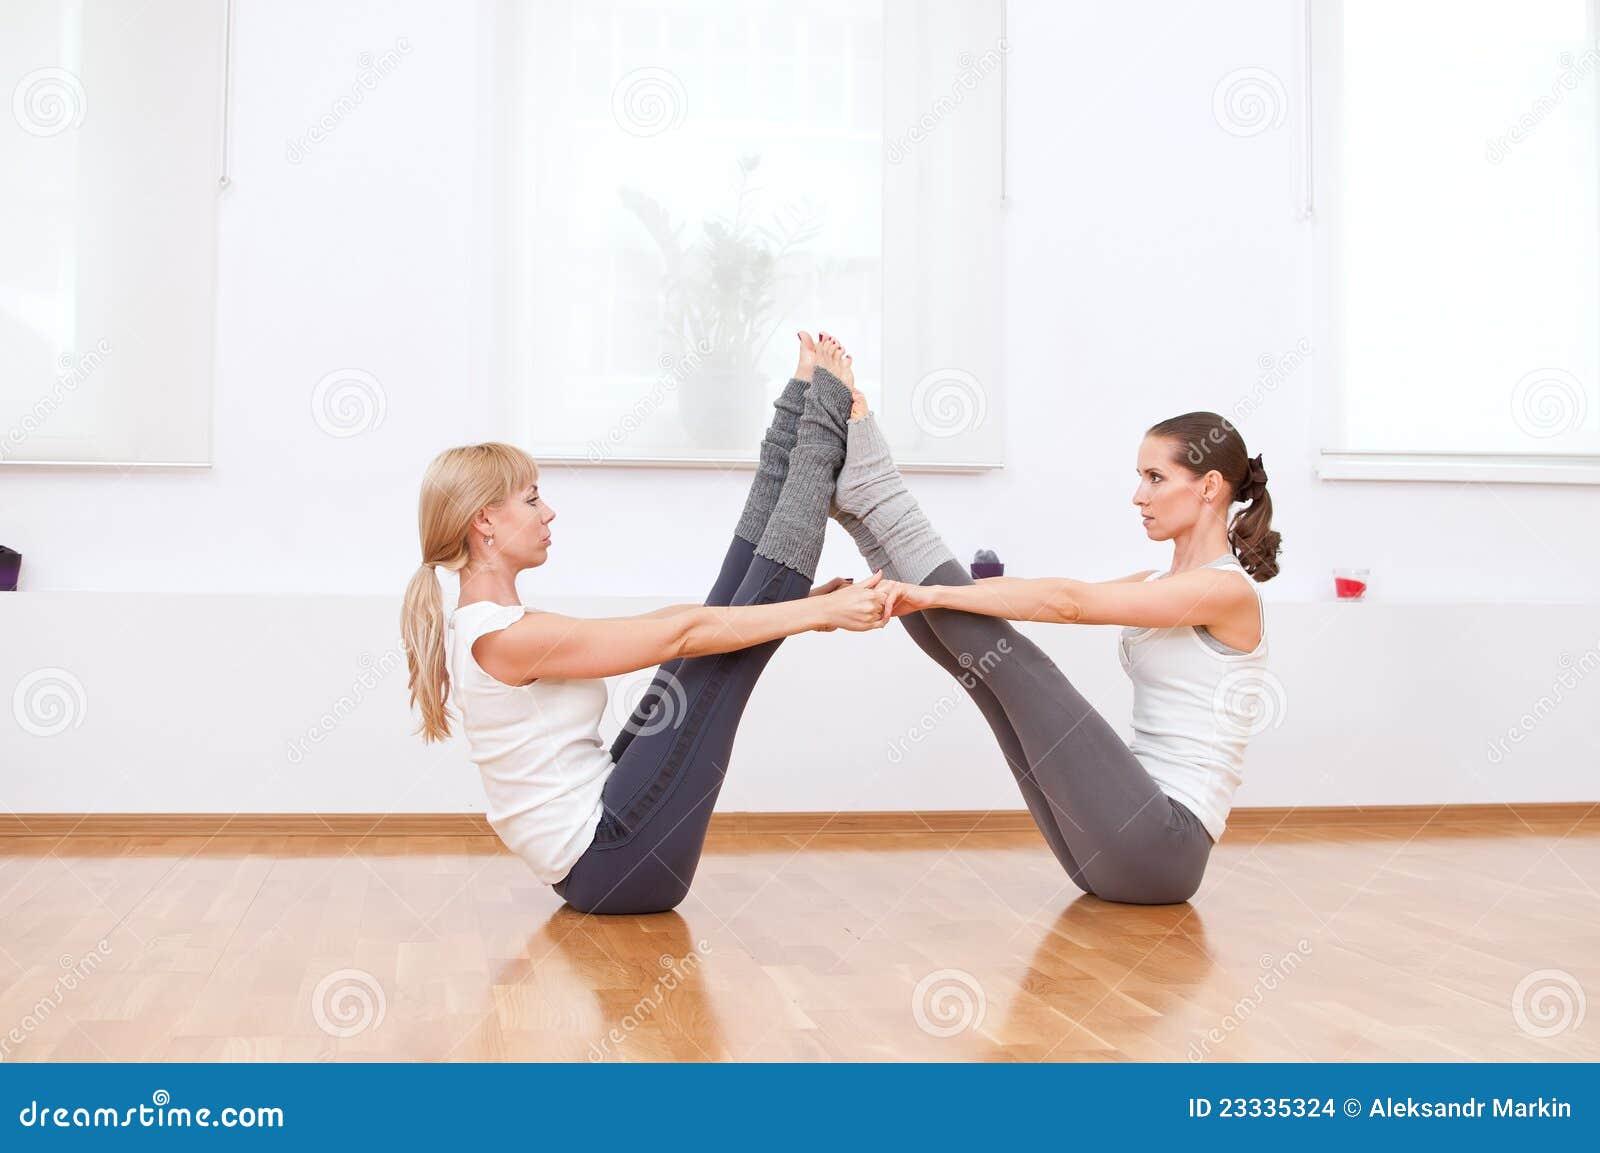 gymnastik bilder zu zweit